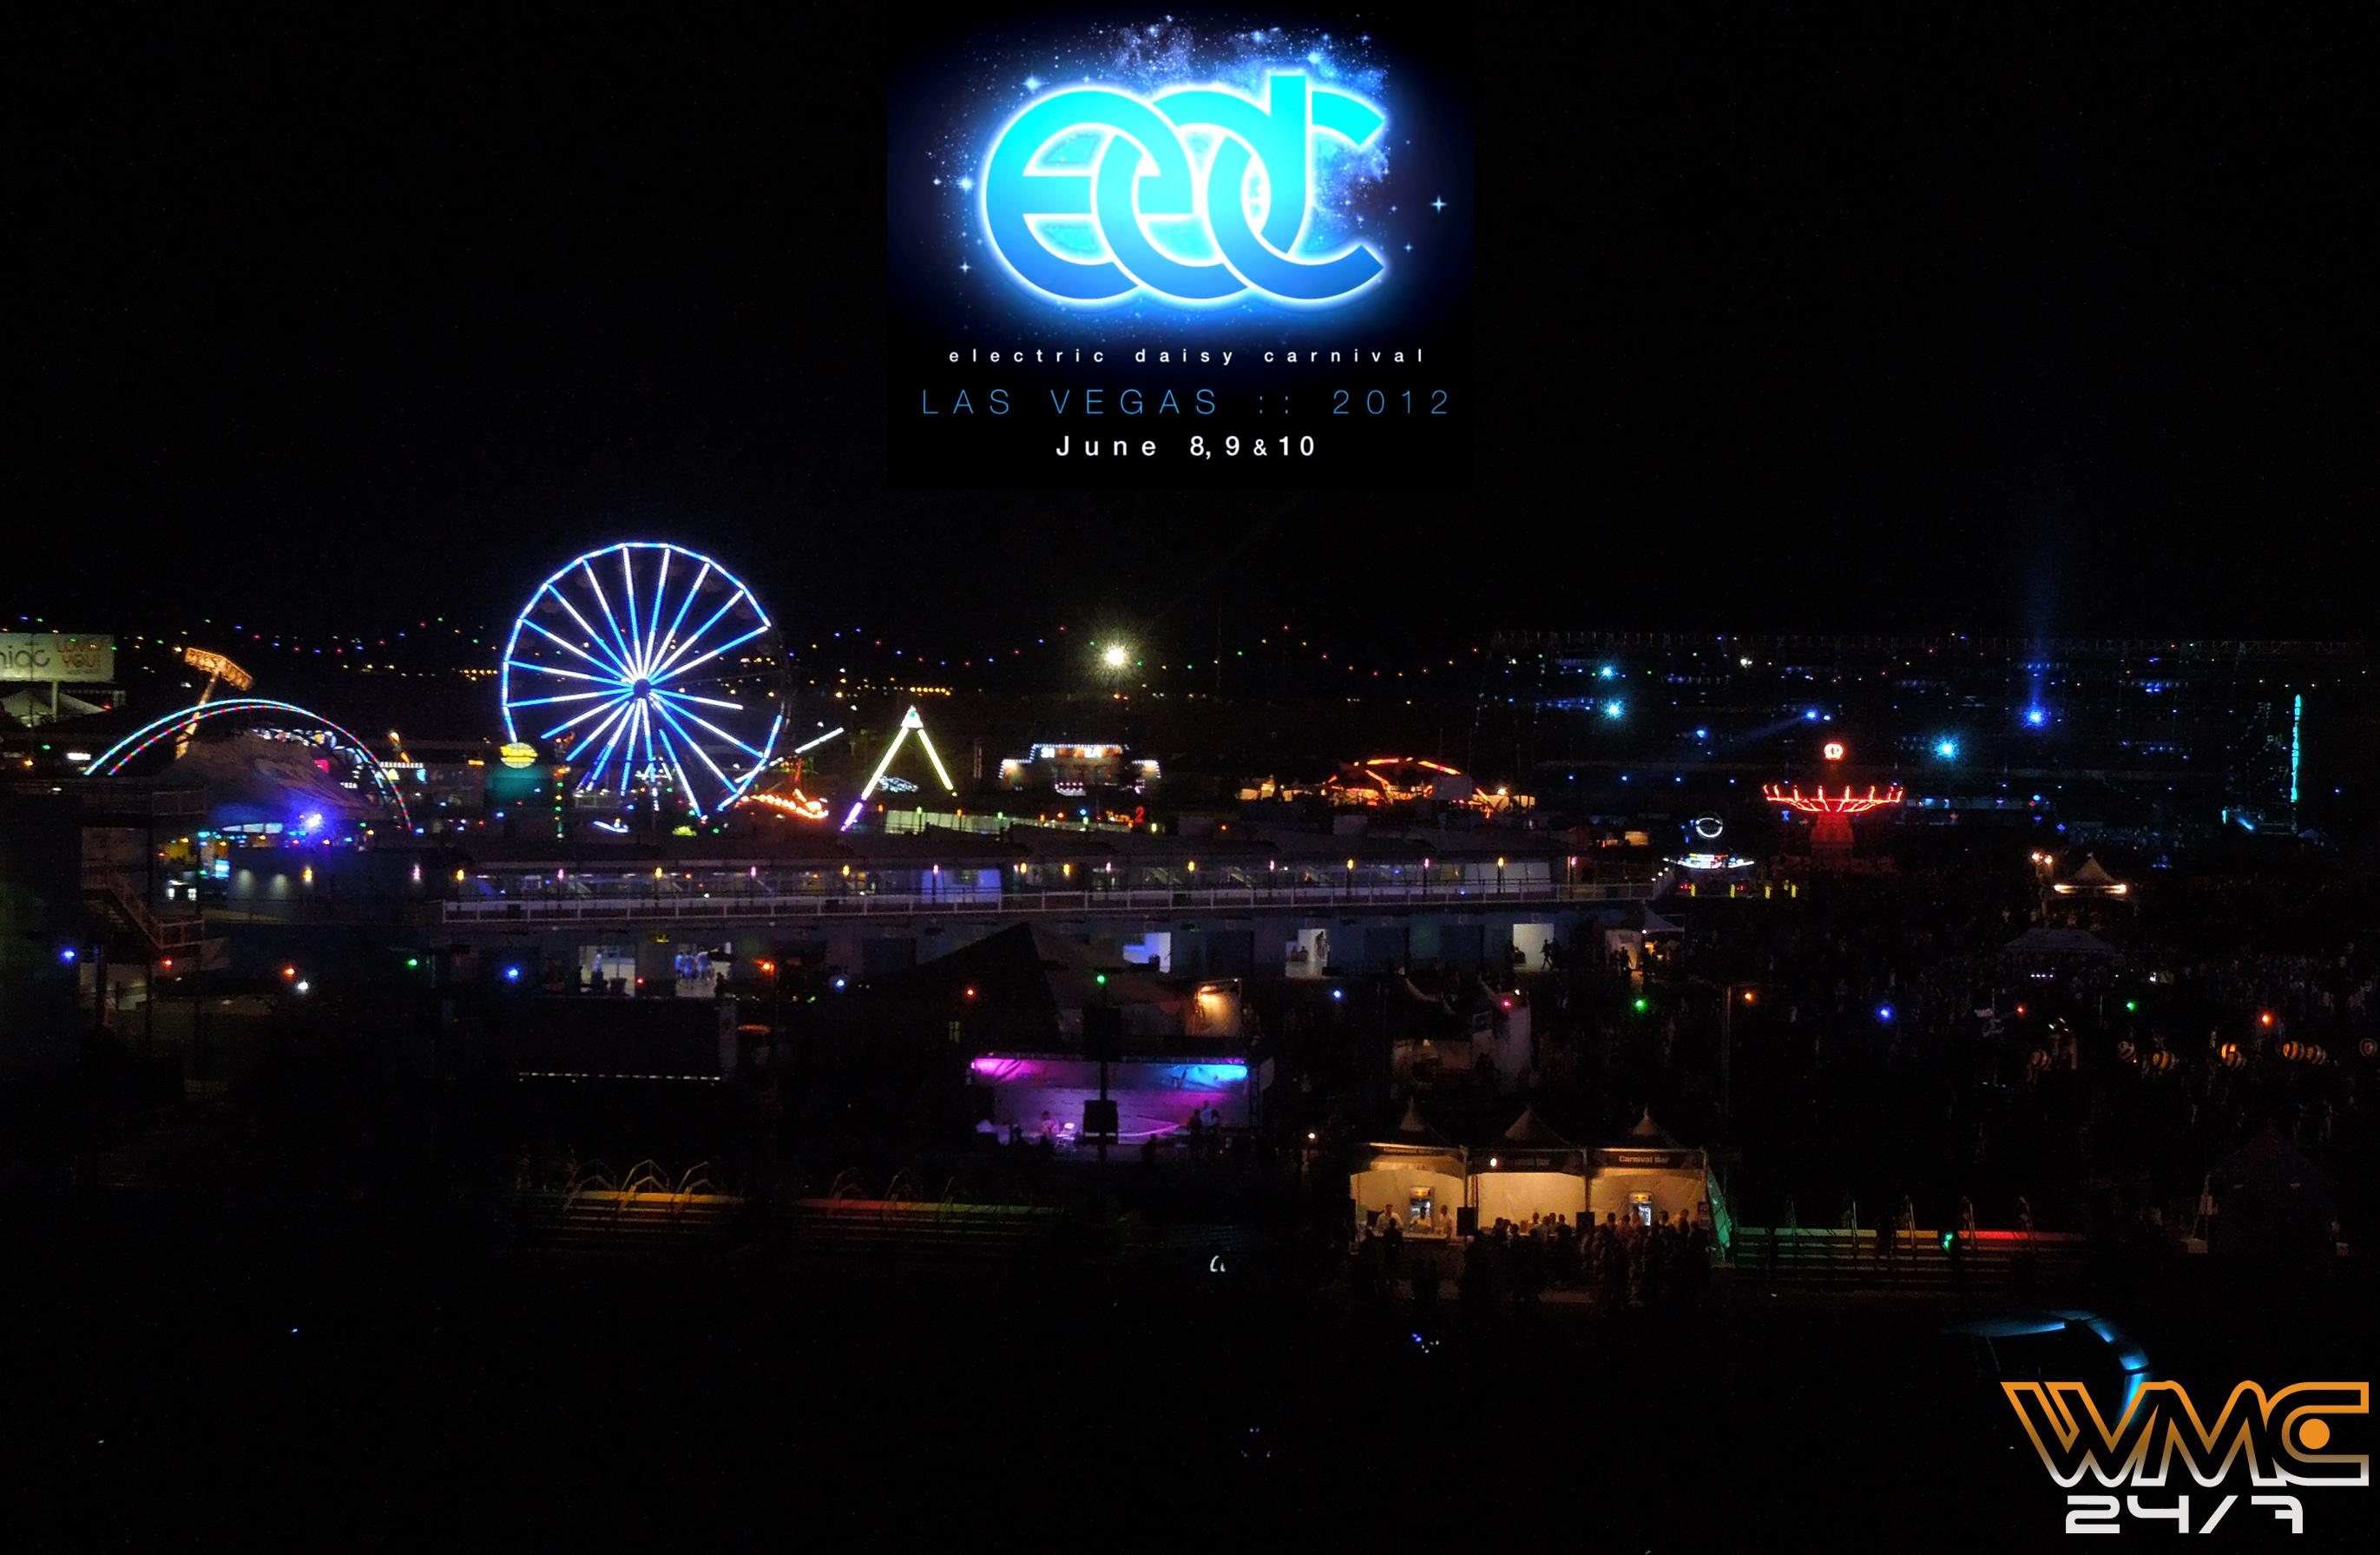 EDC Las Vegas - 2012